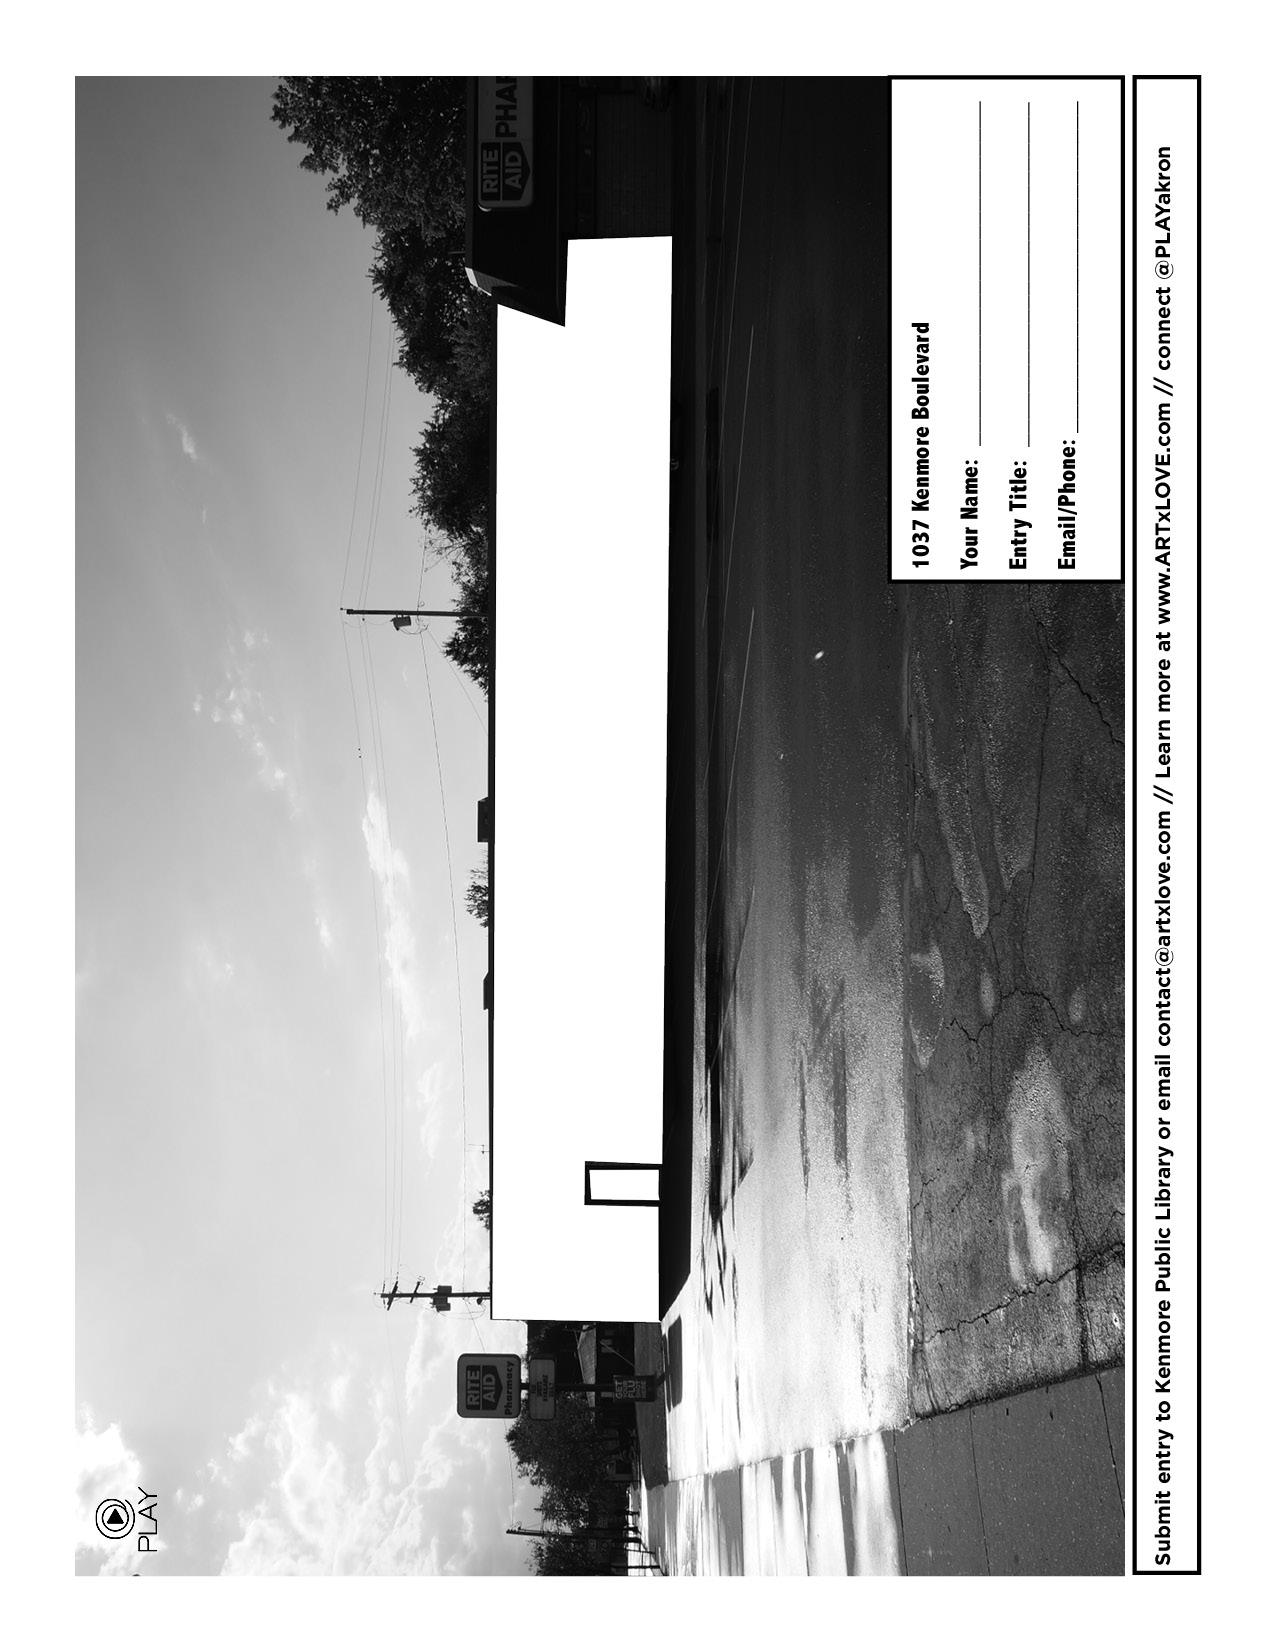 ARTxLOVE_Kenmore-Imagineer_coloring-book_final9.jpg